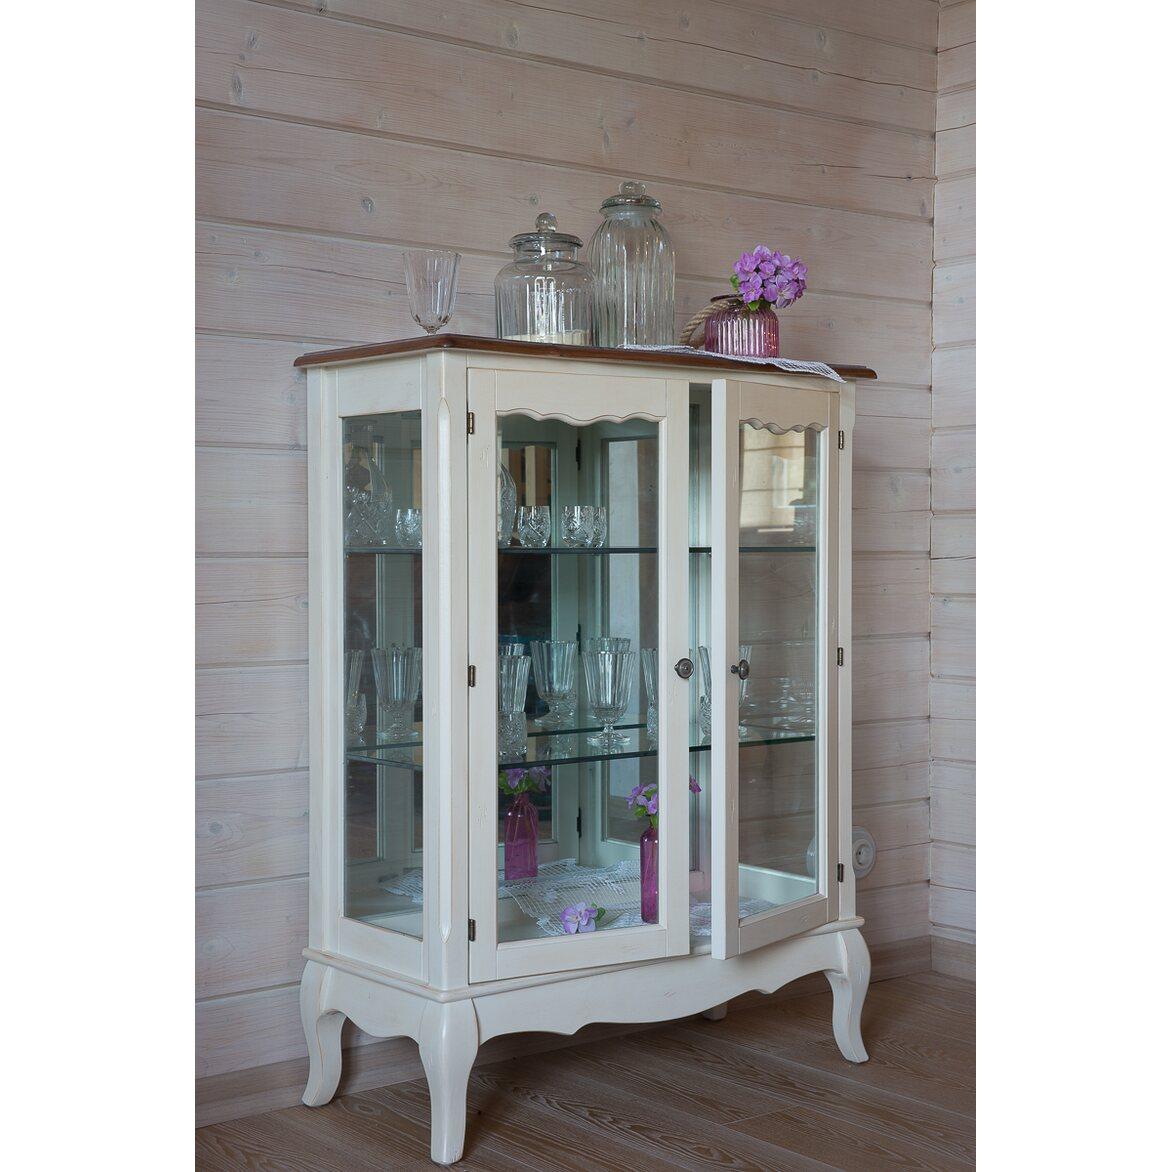 Стеклянная витрина (двойная) Leontina, бежевого цвета 2 | Витрины Kingsby